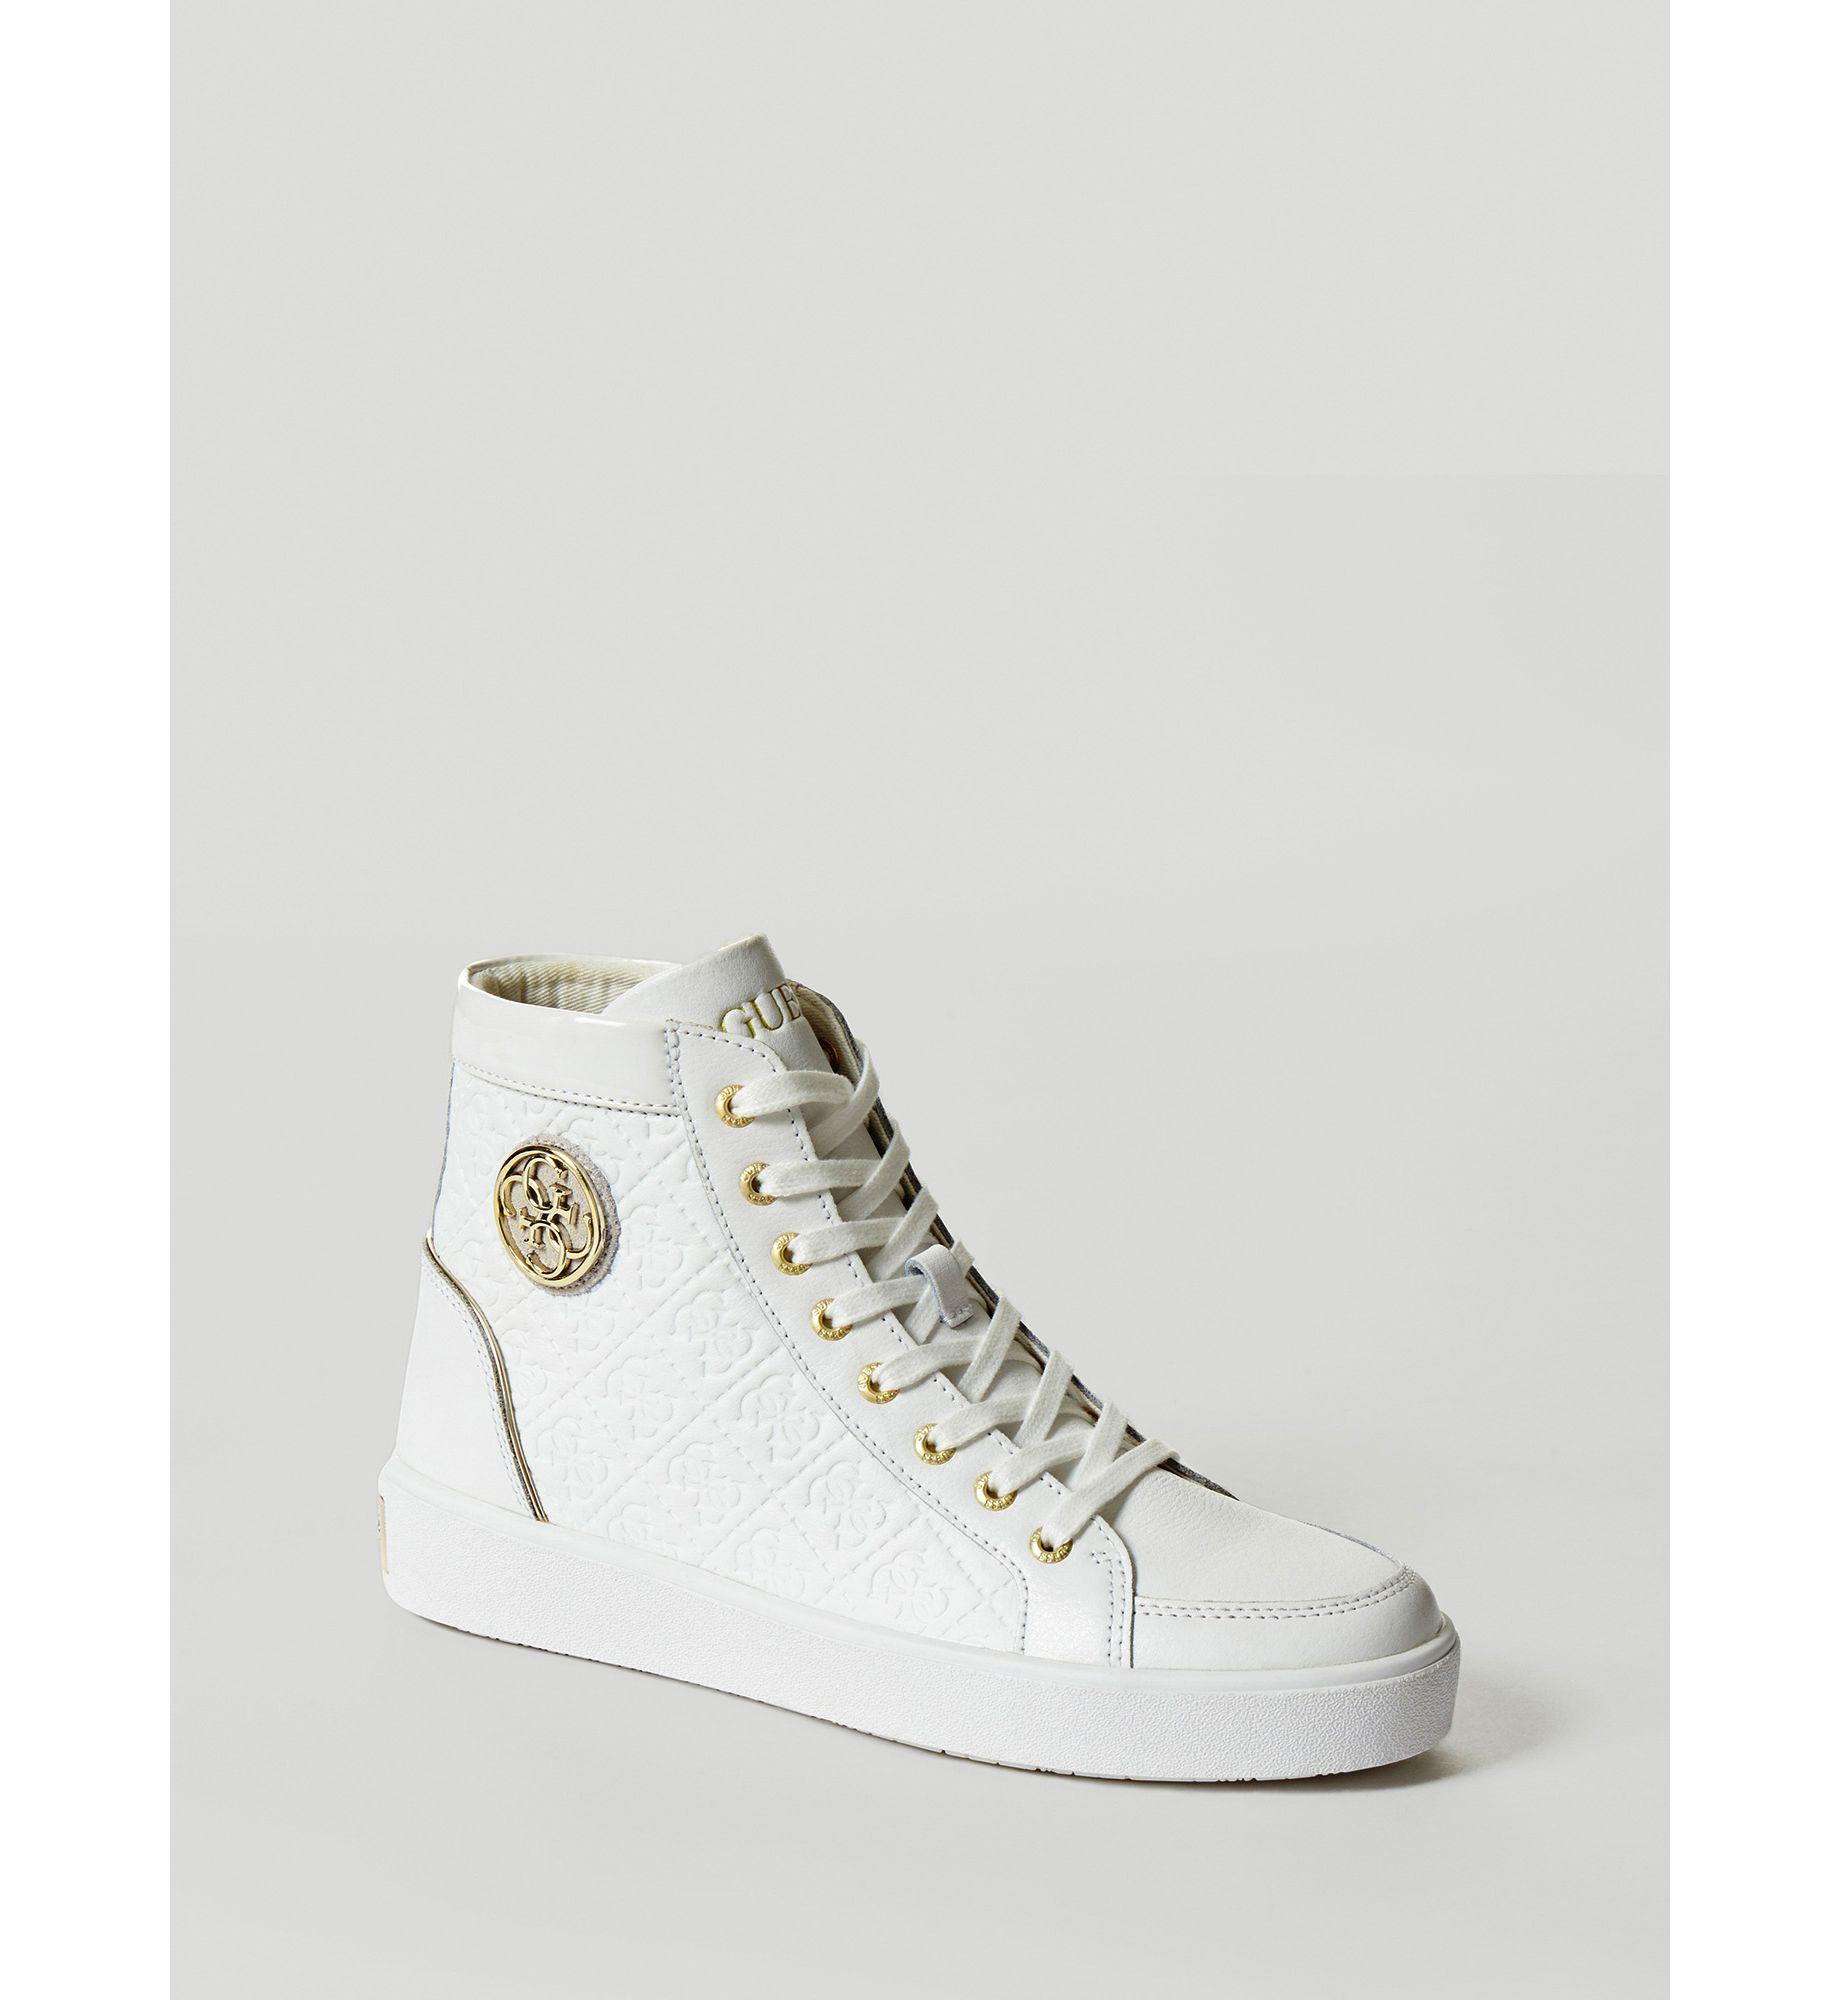 Grace Sneaker Zeppa Sneaker Zeppa Grace Zeppa Zeppa Sneaker Pelle Grace Grace Pelle Pelle Sneaker Pelle